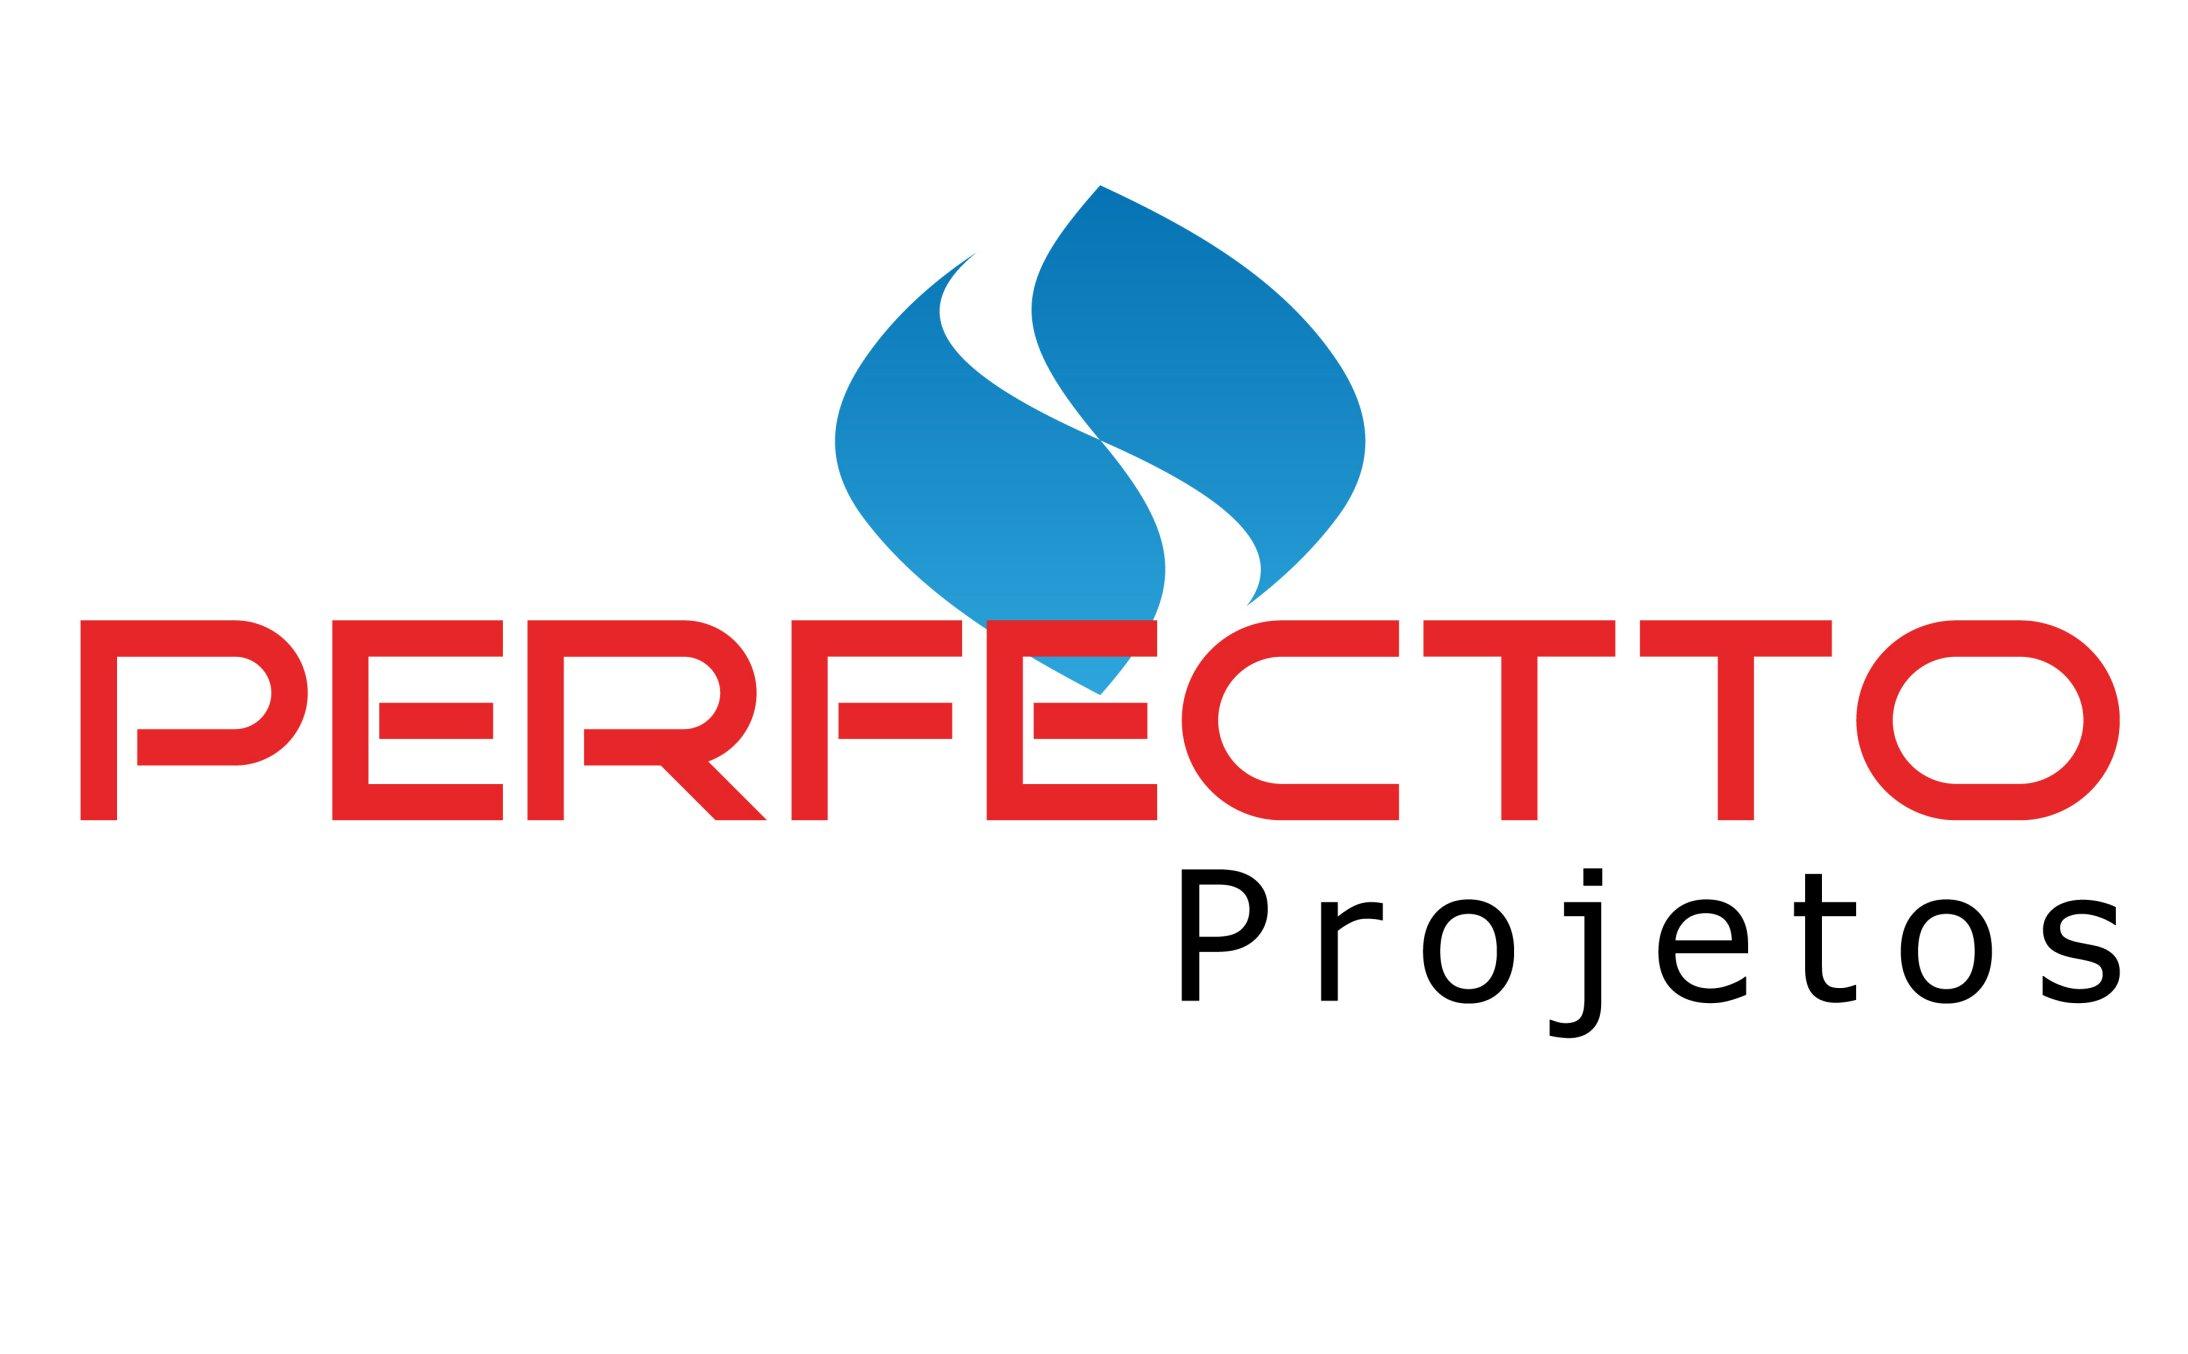 Perfectto Projetos